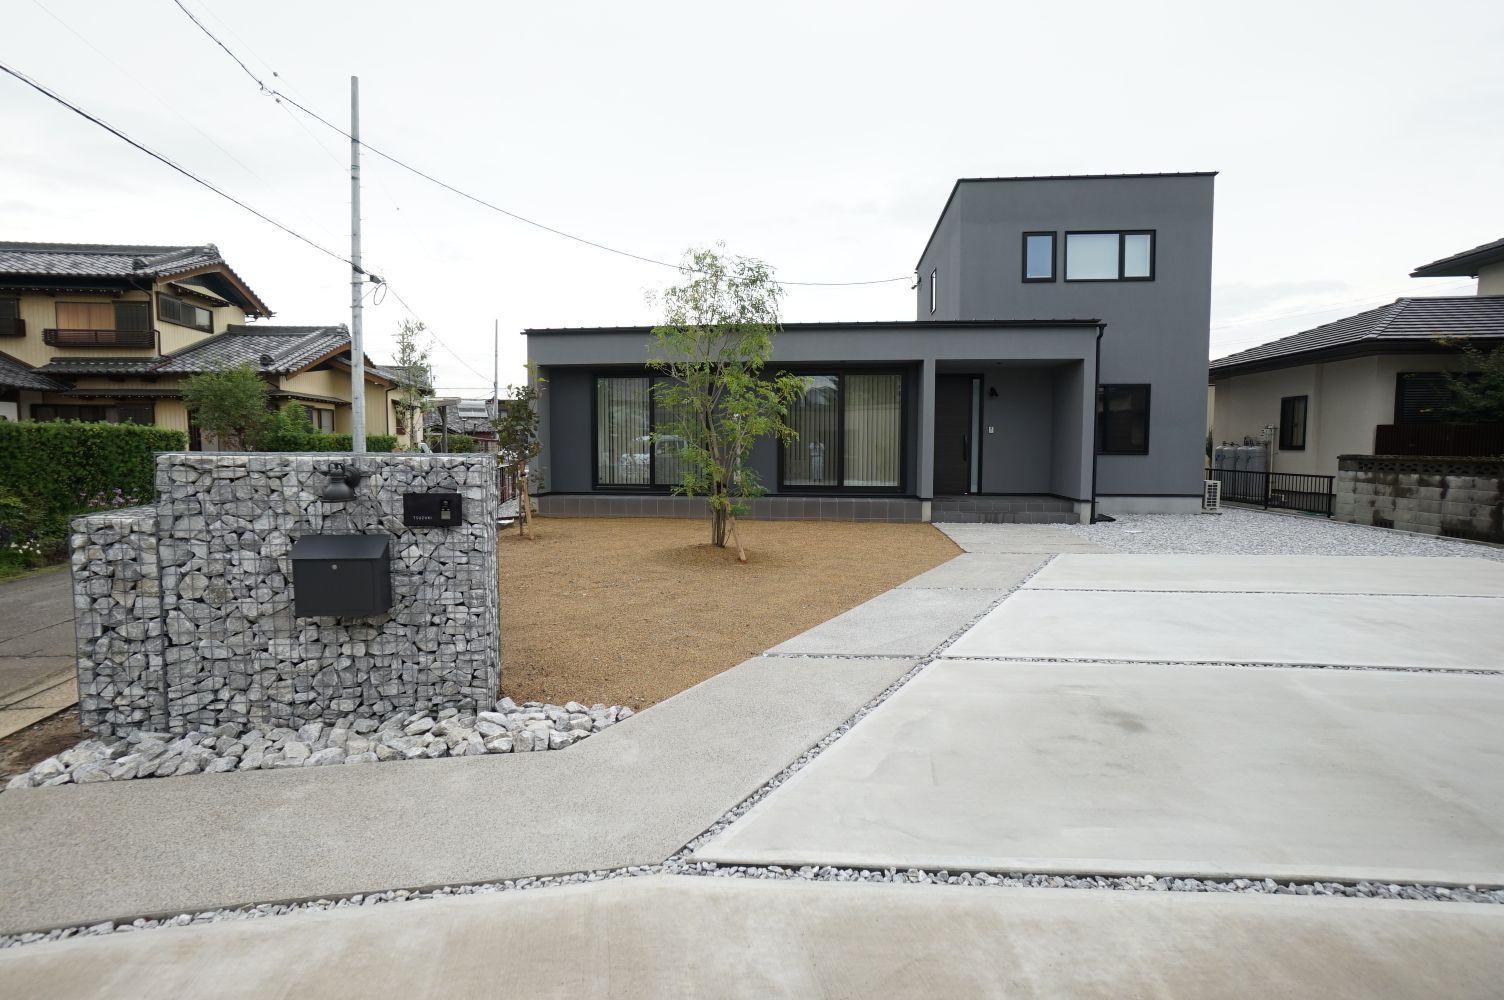 RIKYU (リキュー)【間取り、建築家、インテリア】100坪を超える広大な土地に建てた30坪の家。リゾートのような開放感が漂い、ガビオンの門柱がゲストをお出迎え。庭のスモークツリーもいい感じ。外からの視線を遮るために、西側に窓を設けない代わりに、各個室とも2面採光を確保した。2階は子ども部屋だけなので、将来的にも無駄がない